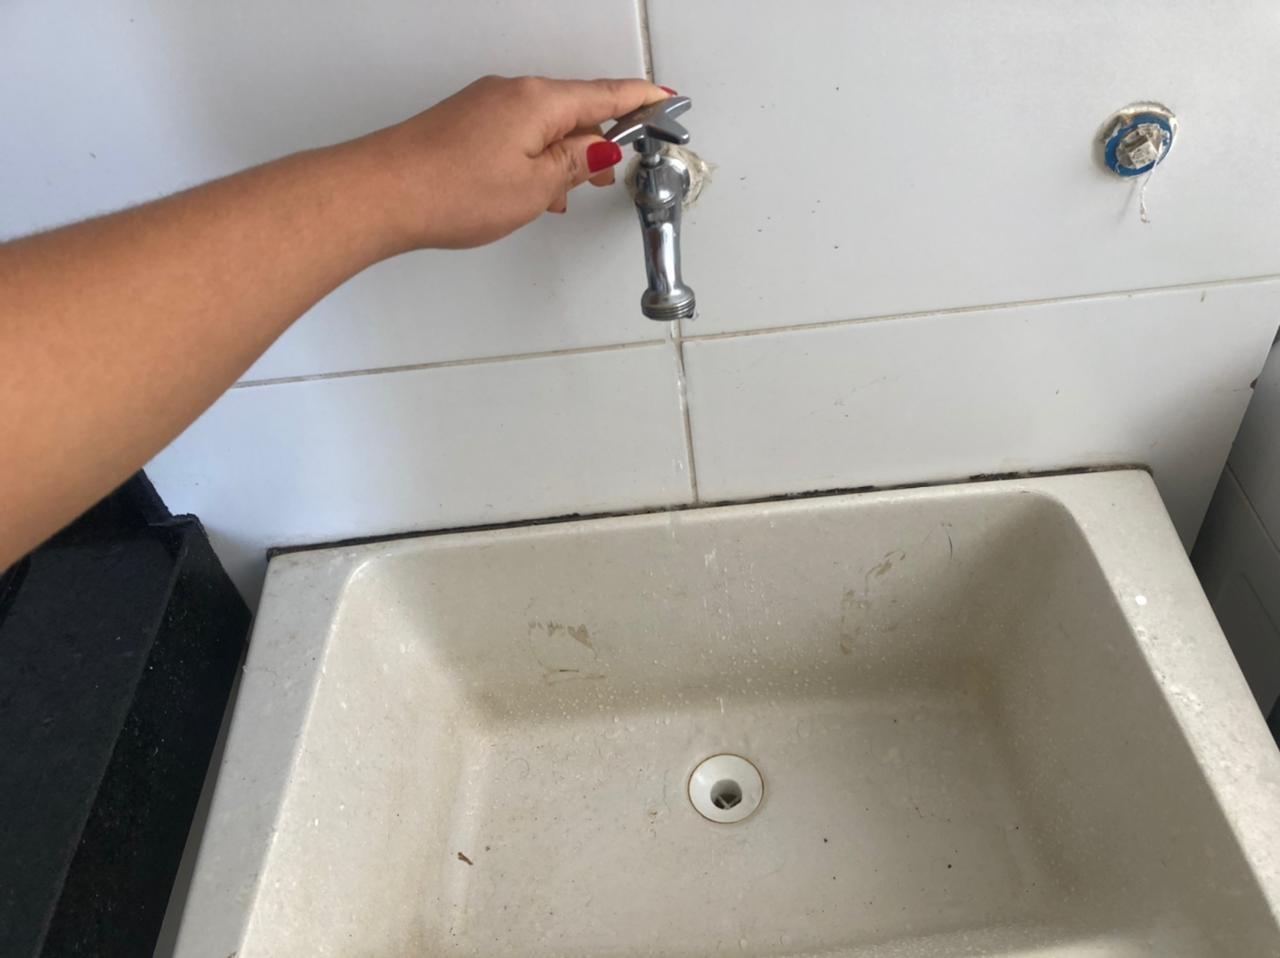 Embasa anuncia suspensão do fornecimento de água em bairros da capital baiana; veja locais